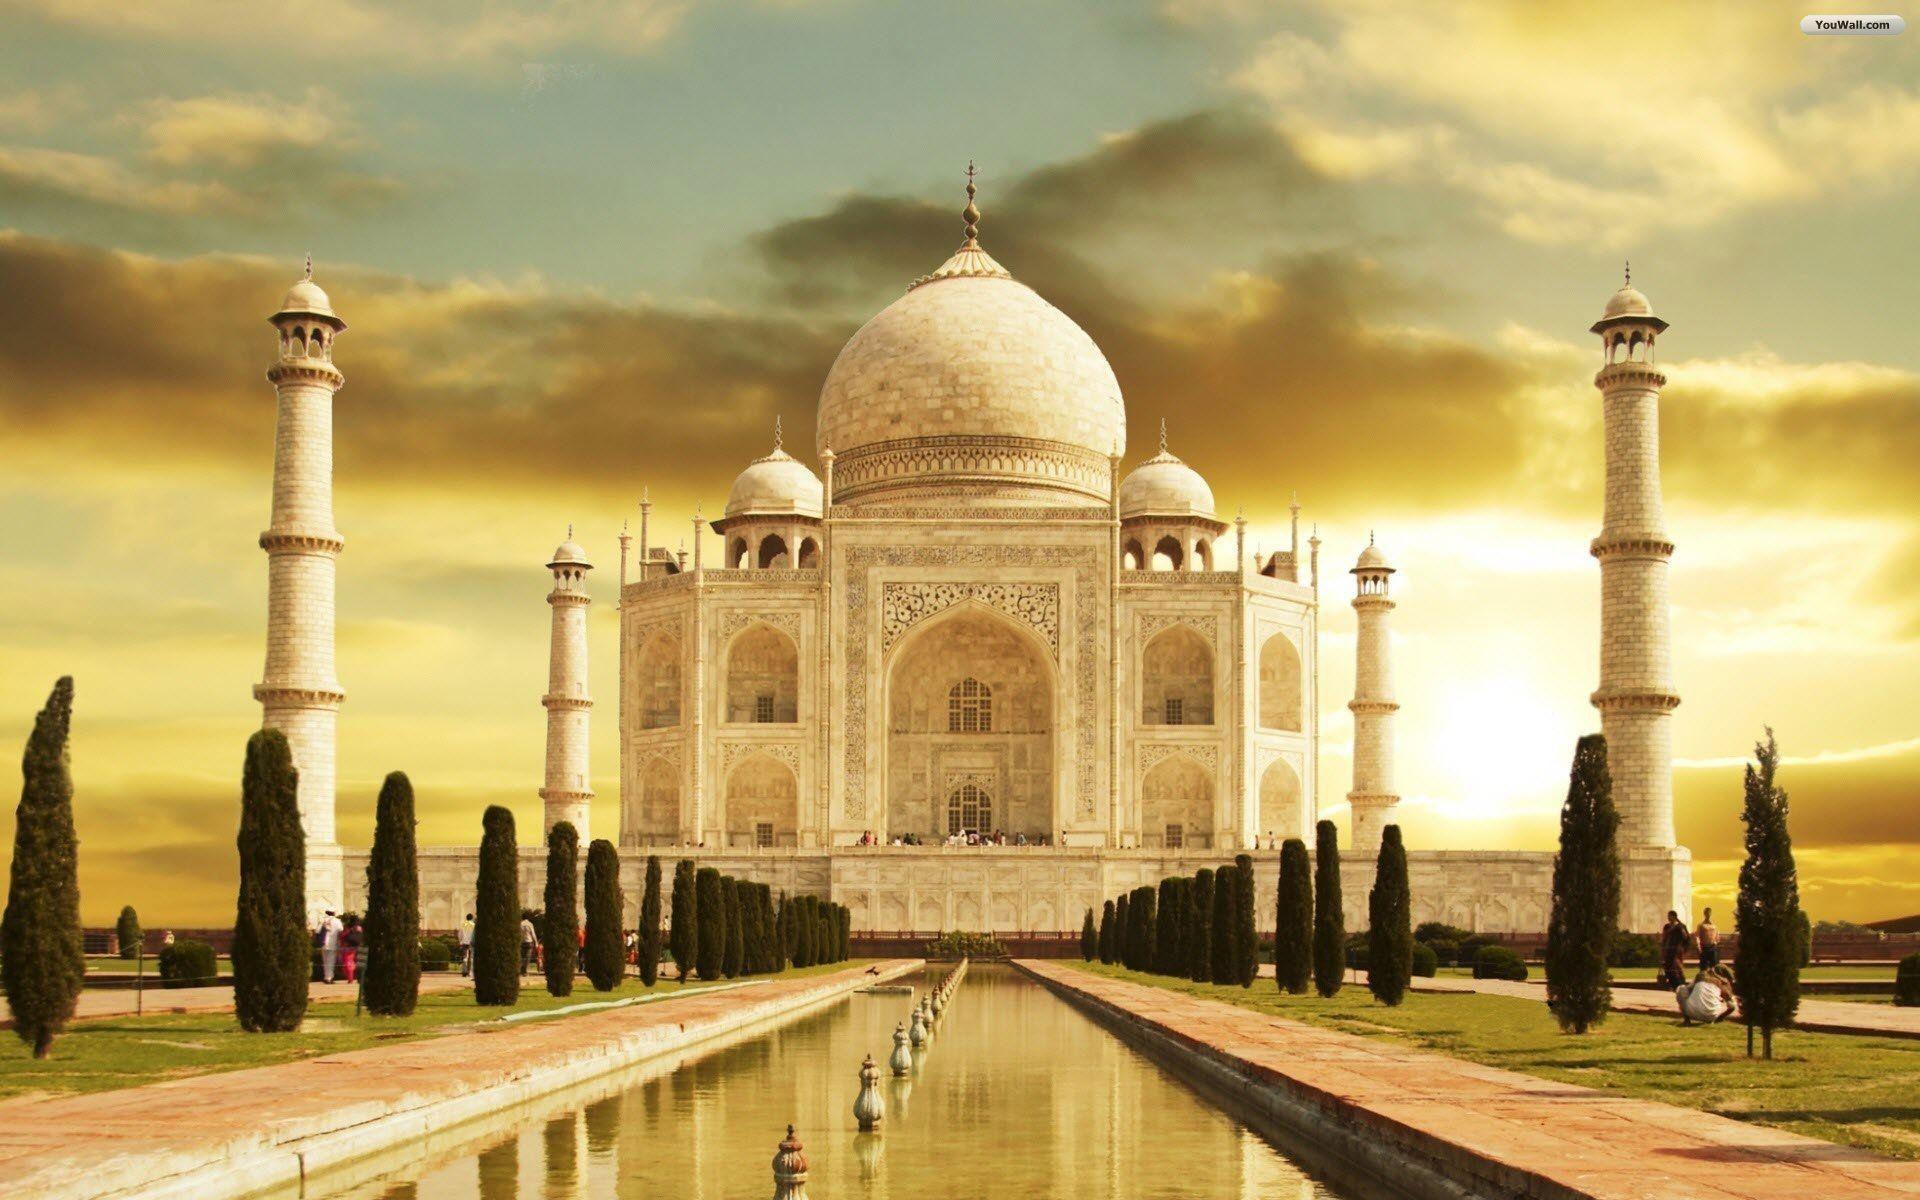 نمایی بسیار زیبا از تاج محل هند